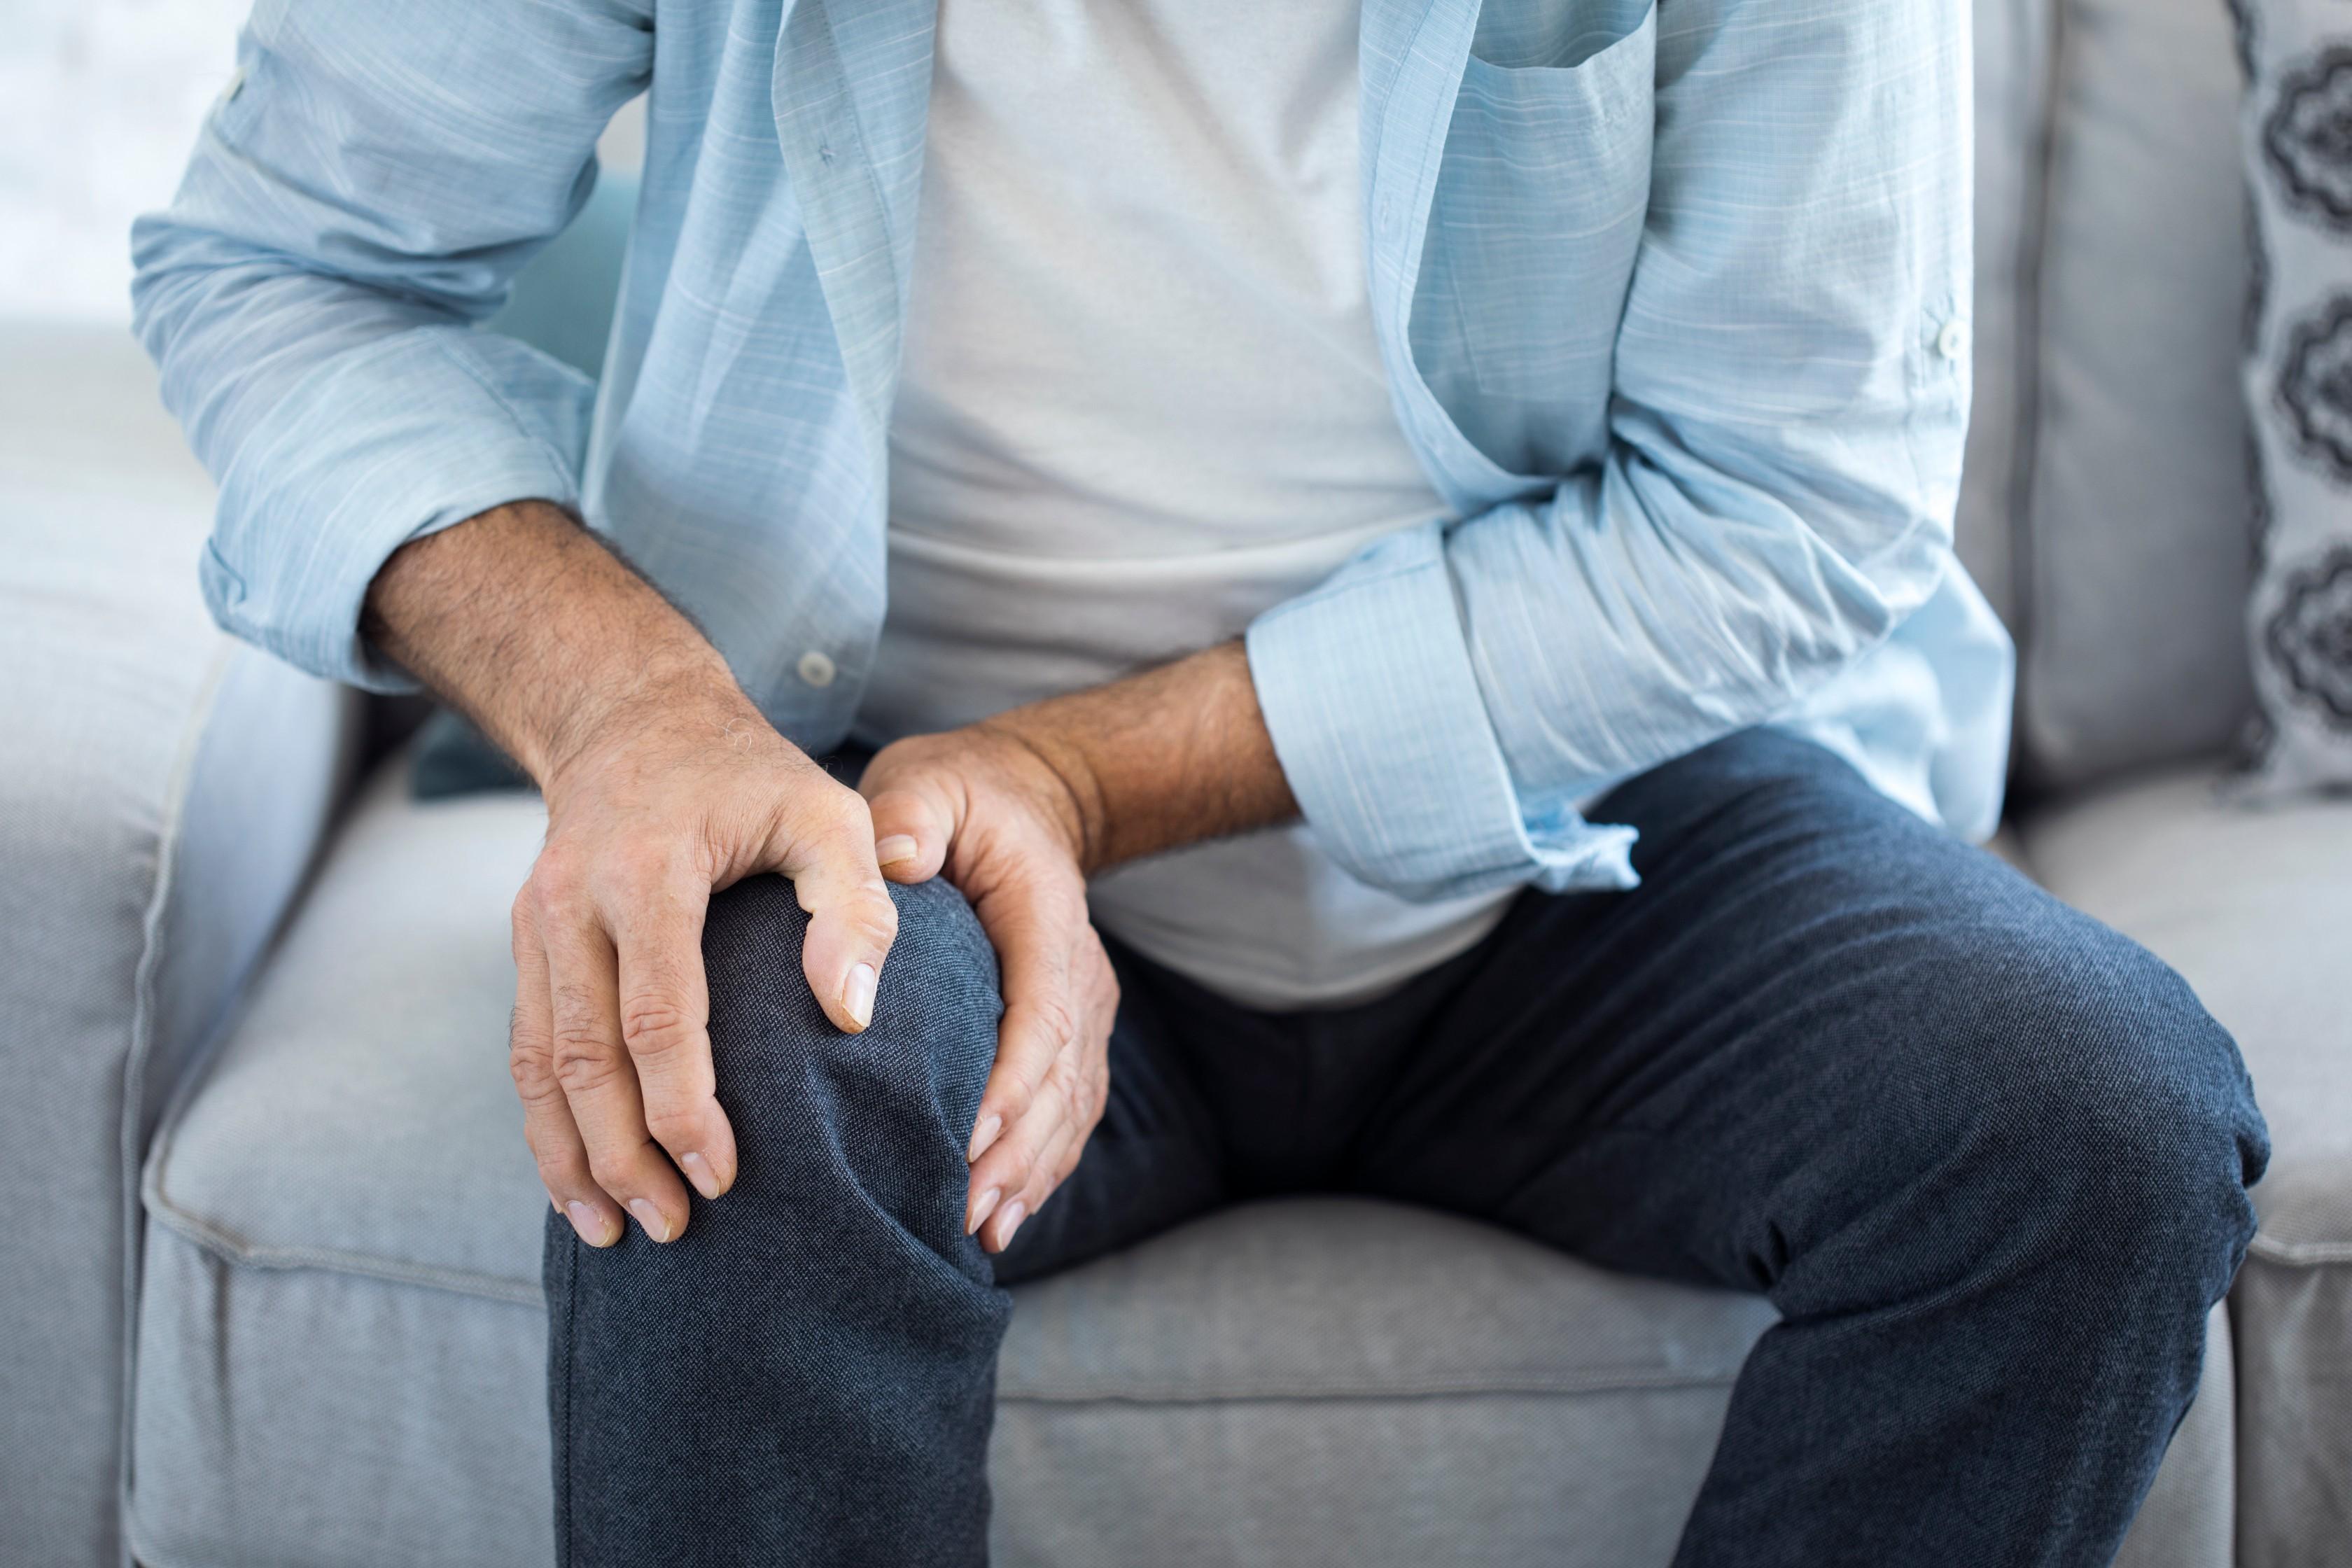 térd krónikus oszteokondroze gerincfájdalom különböző ízületekben